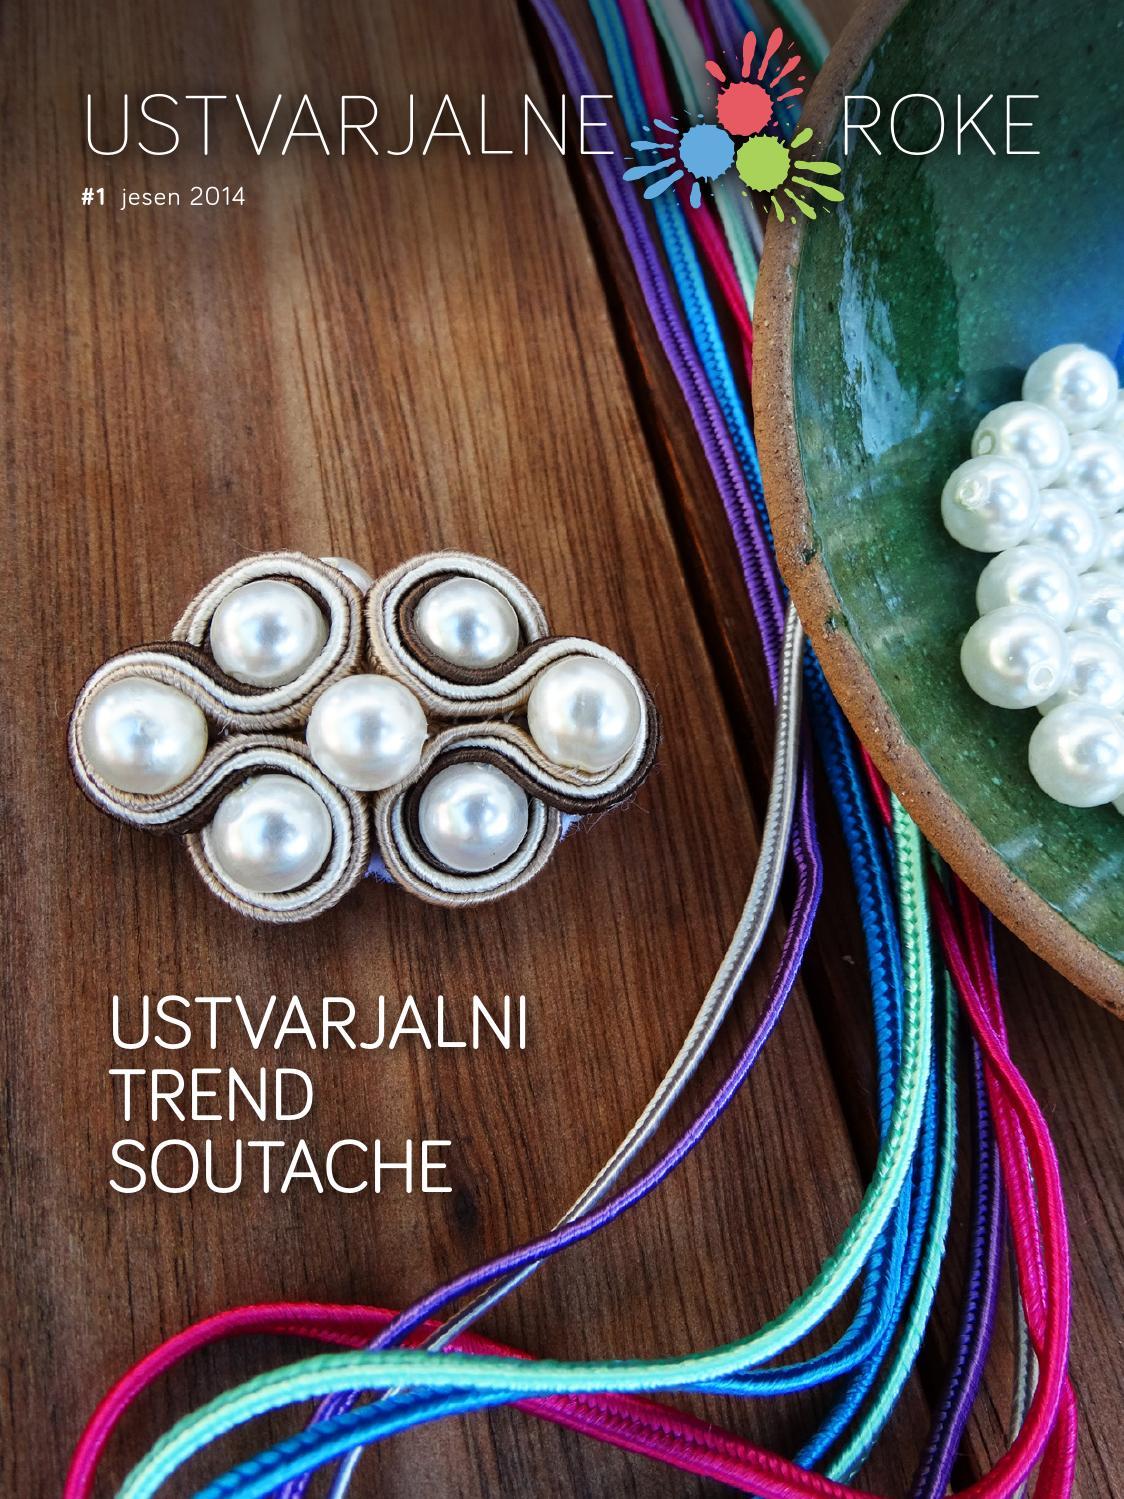 Ustvarjalne roke #1 jesen 2014 by Ustvarjalne roke - issuu